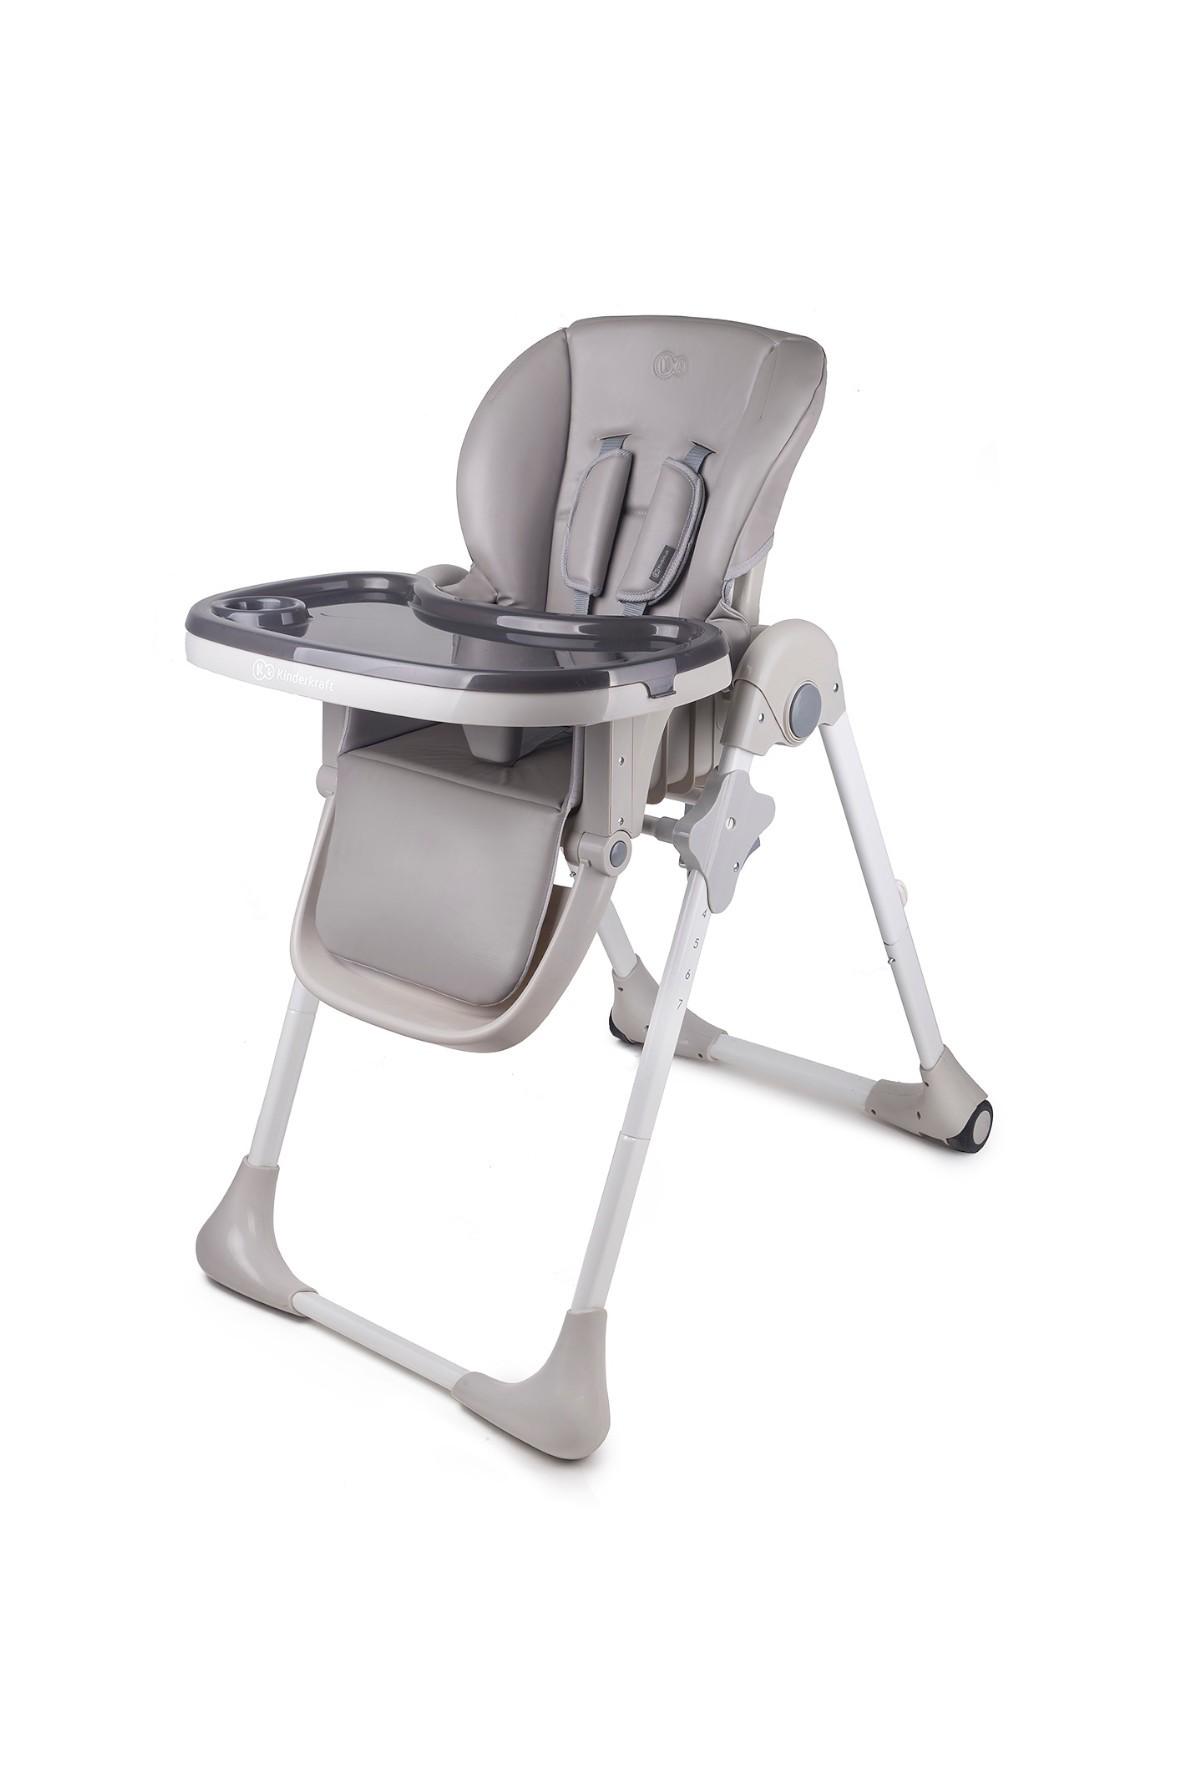 Krzesełko do karmienia Kinderkraft- szare